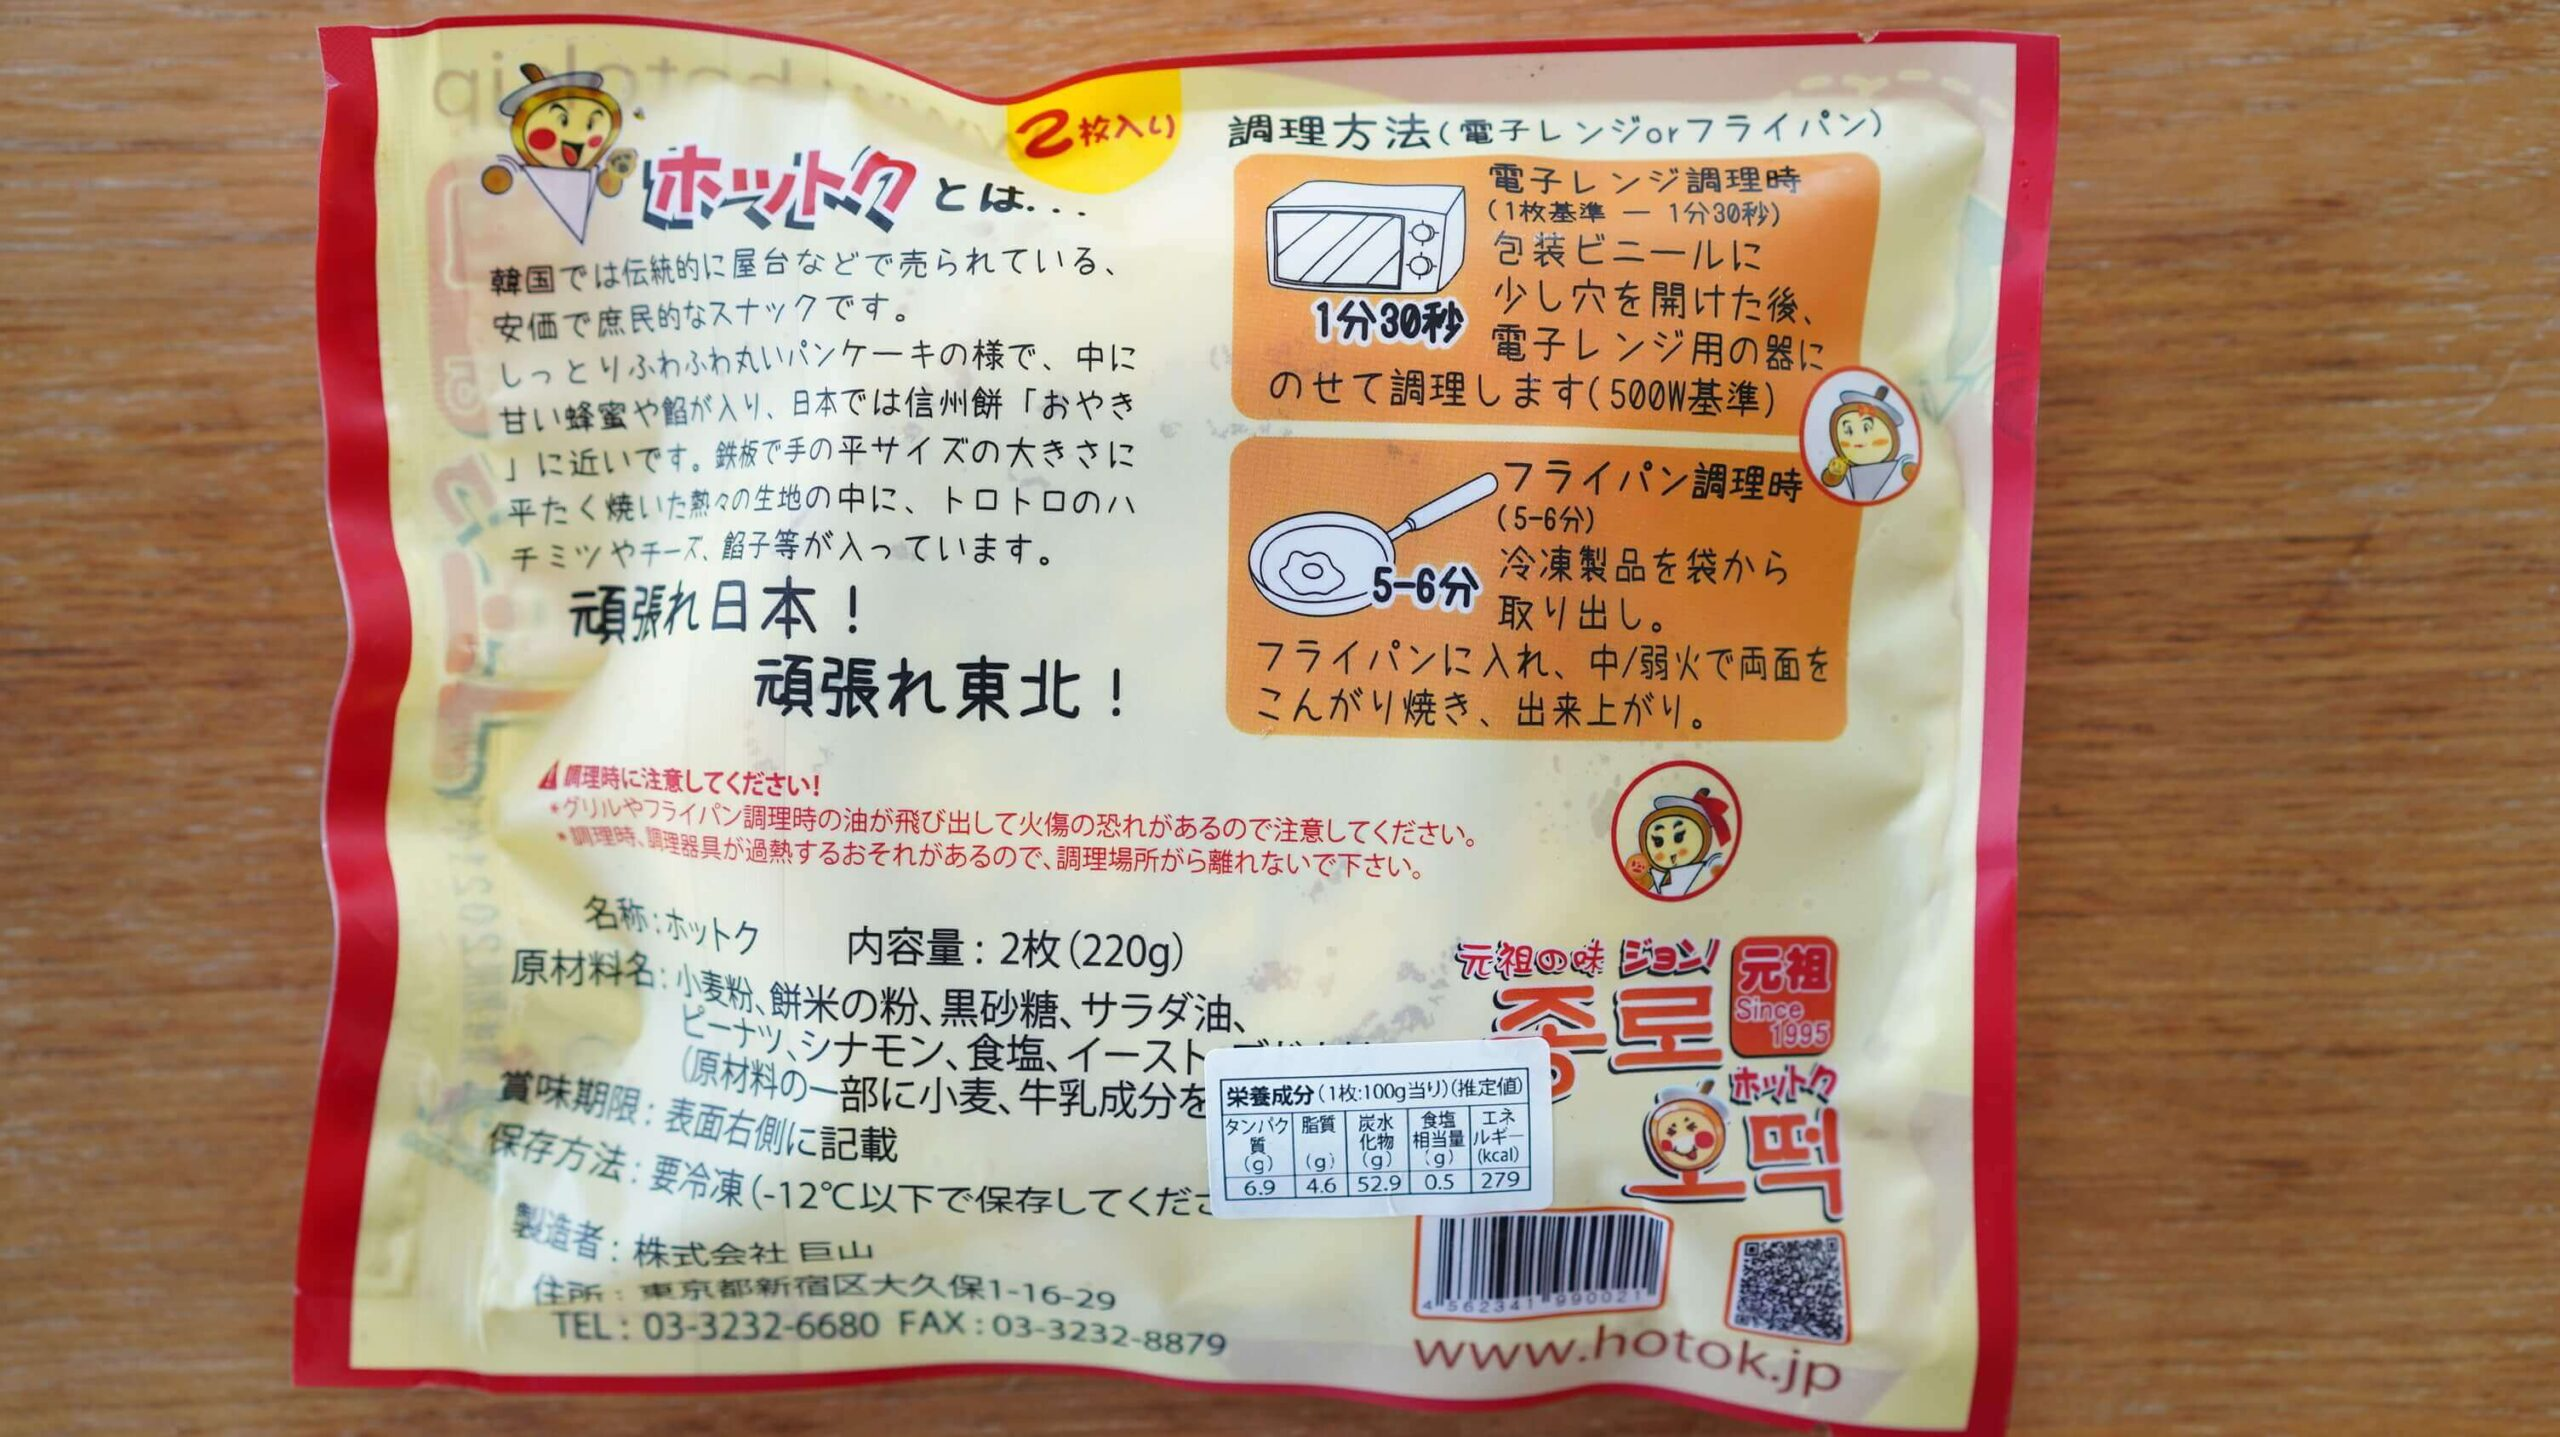 新大久保の人気店「ジョンノ・ホットク」のお取り寄せ用「冷凍ホットク」のパッケージ裏面の写真